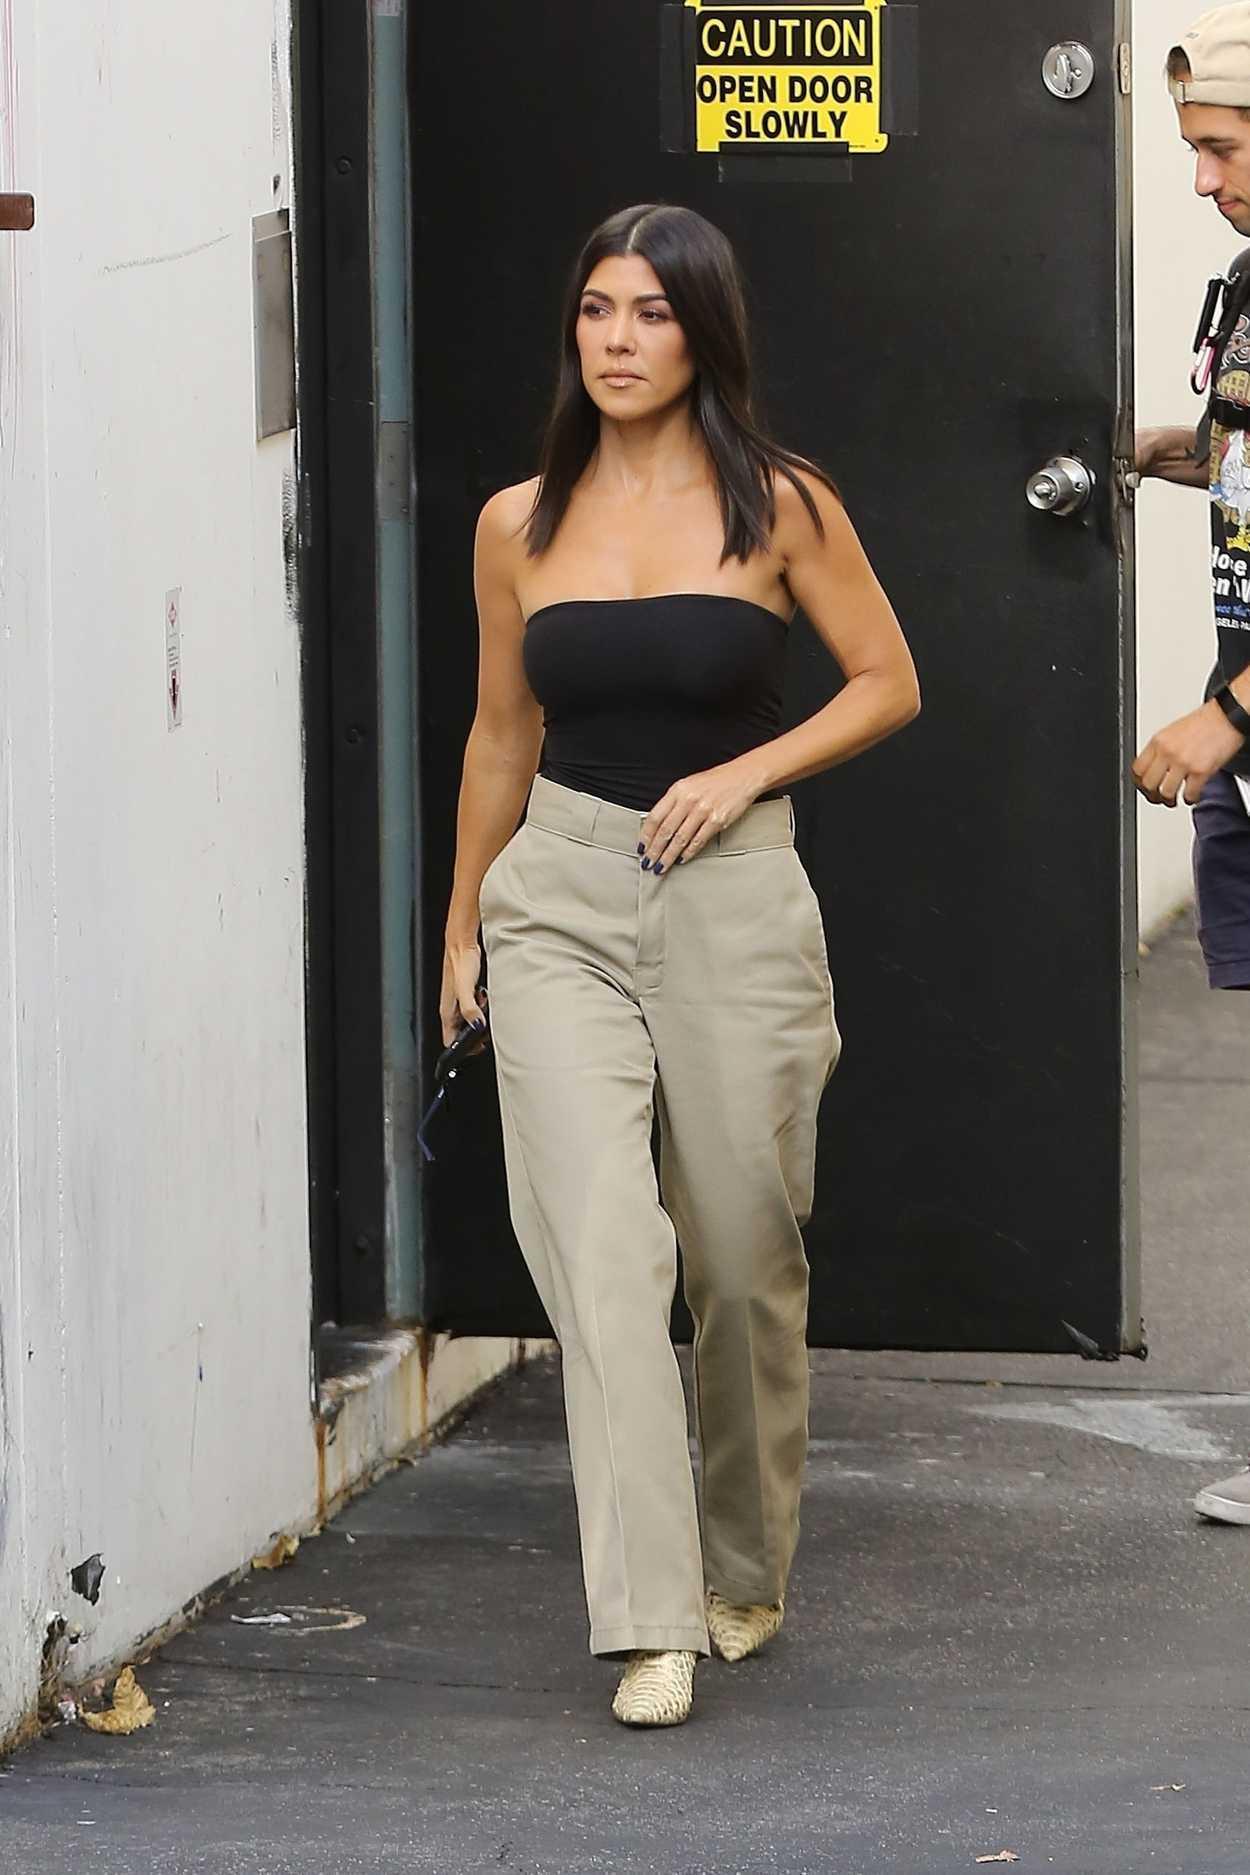 Kourtney Kardashian in a Black Top Leaves a Studio in Los ...